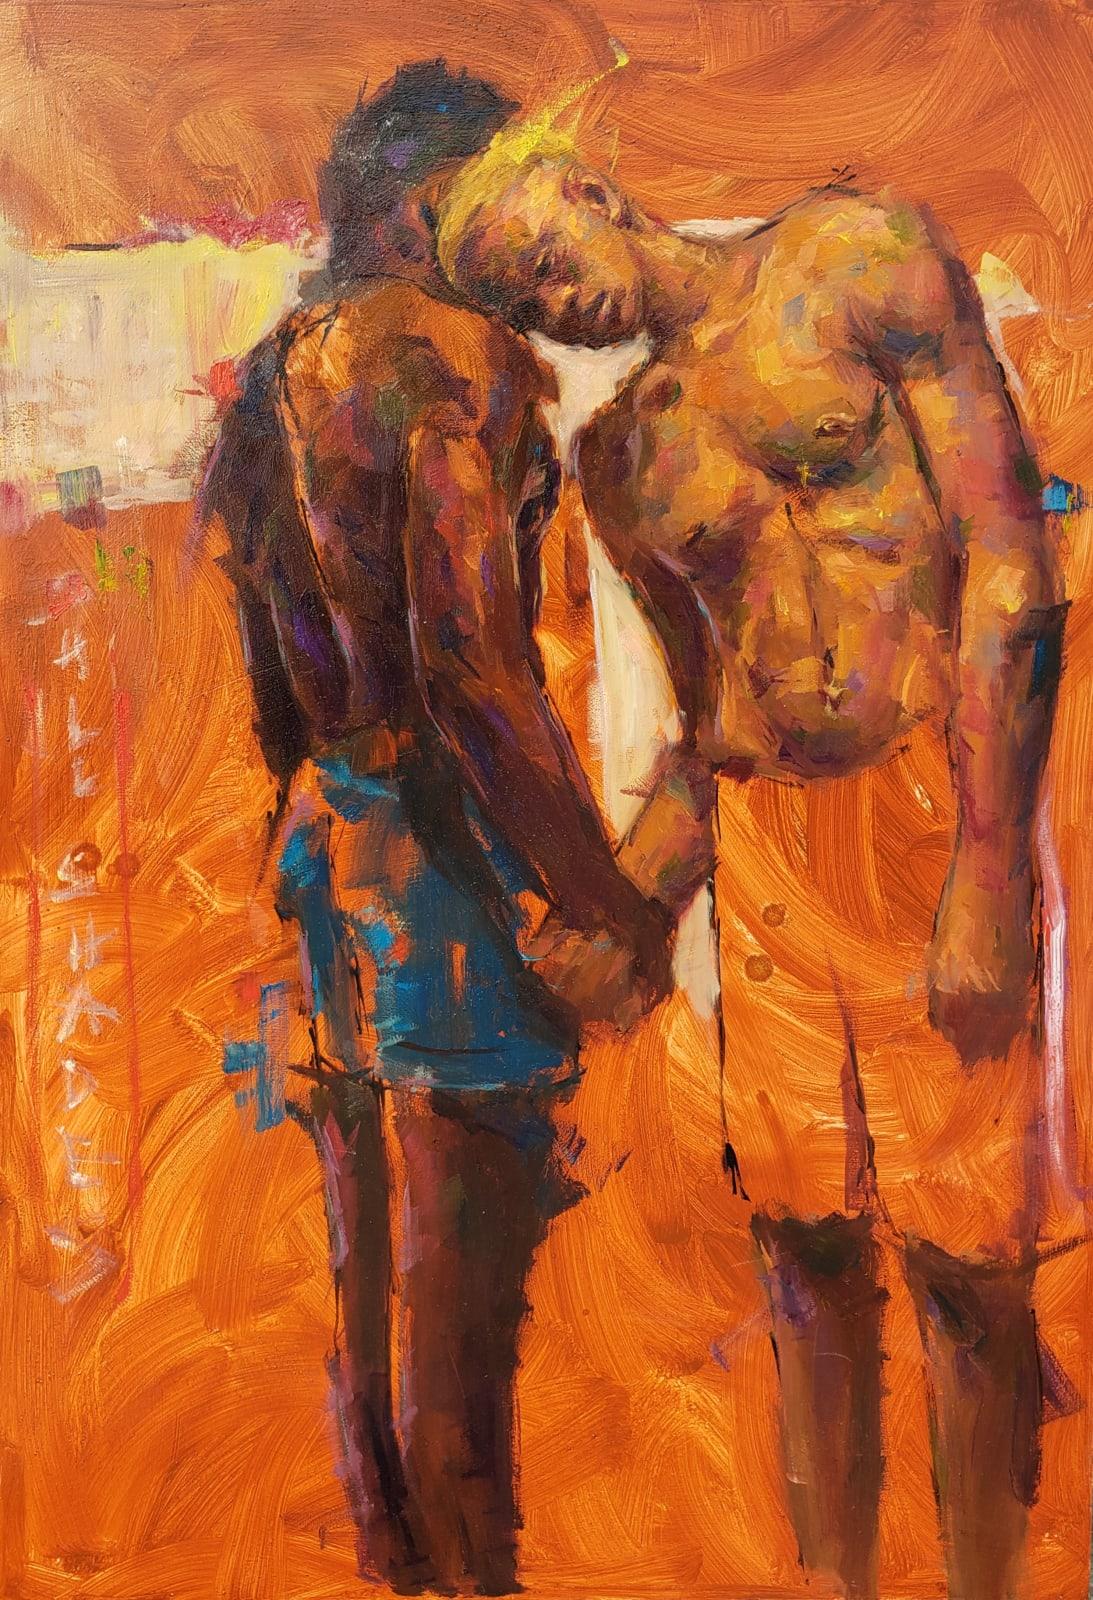 Chigozie Obi, Shades of Black VI , 2020